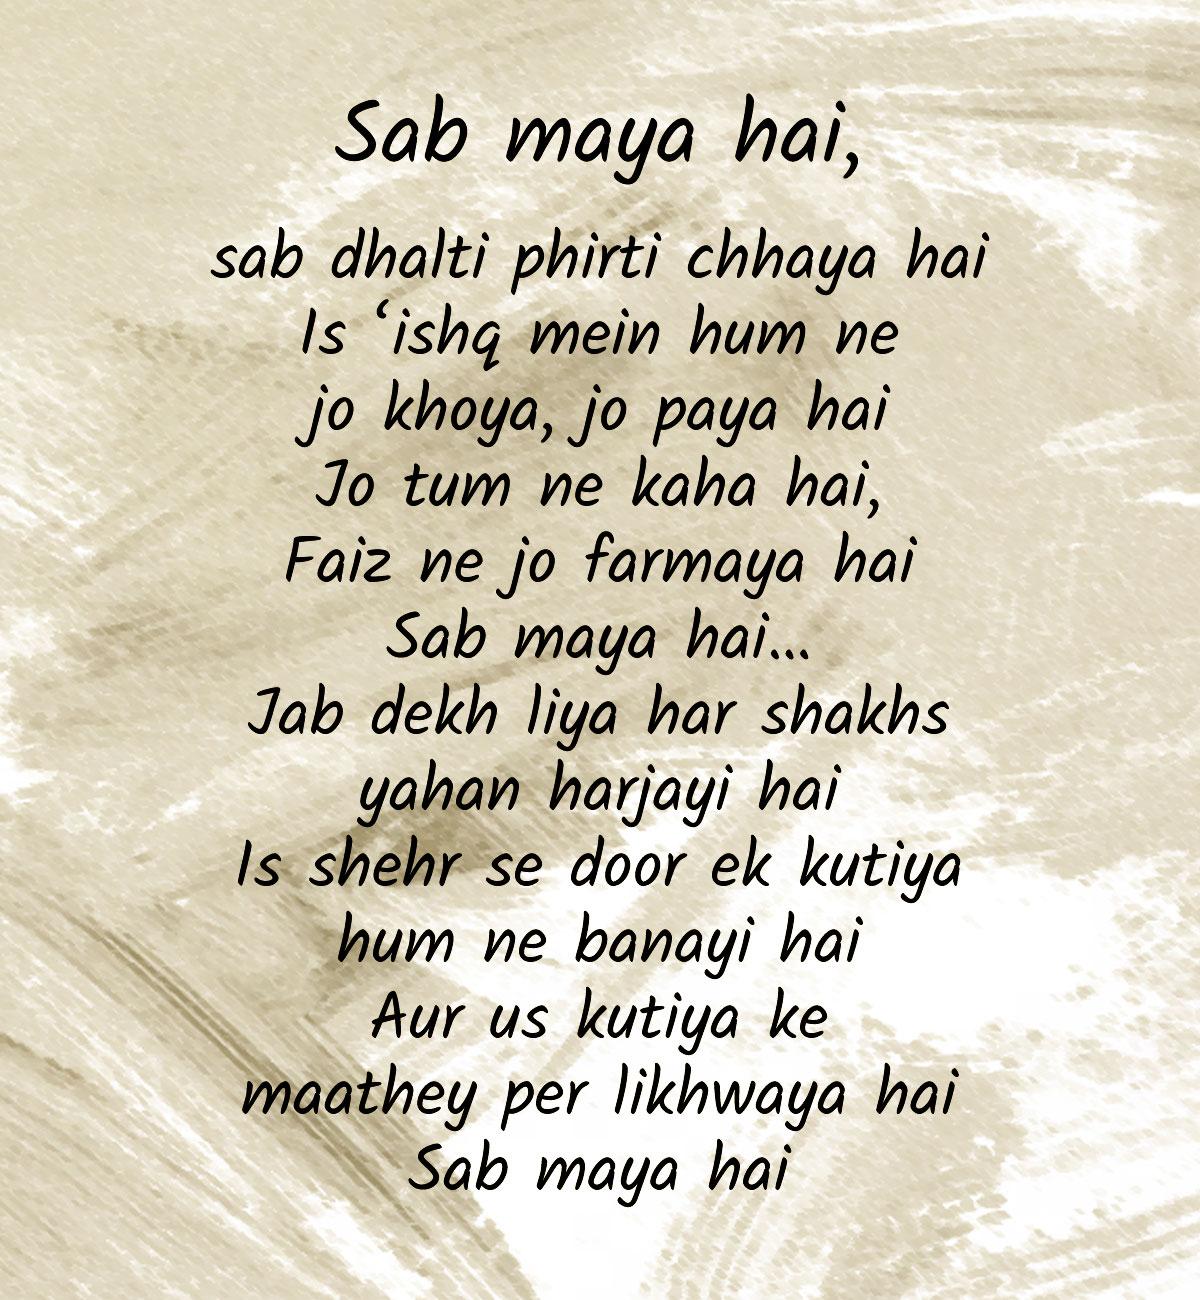 Nazm Sab maaya hai